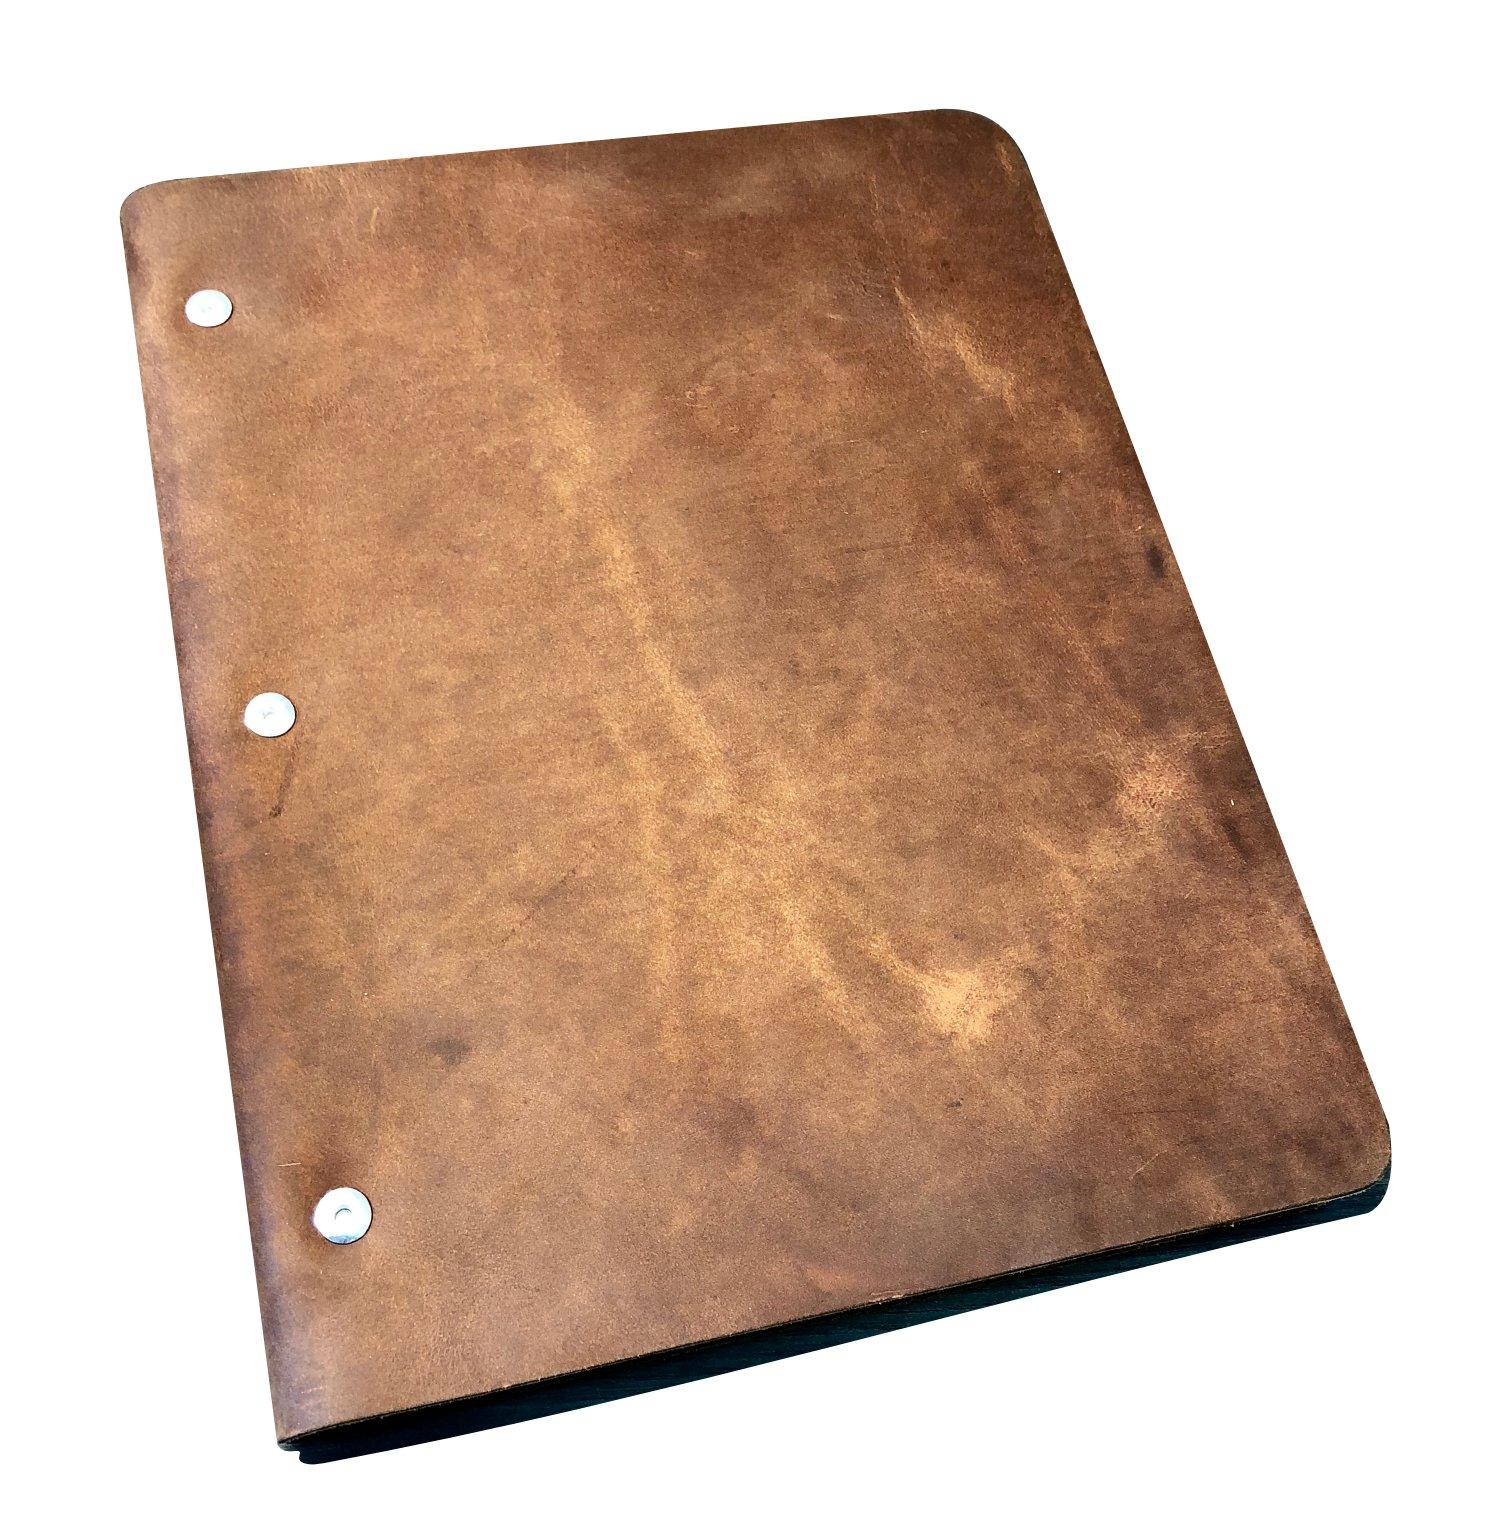 Murdy No. 1 Leather Binder (Slim Cut, Espresso)